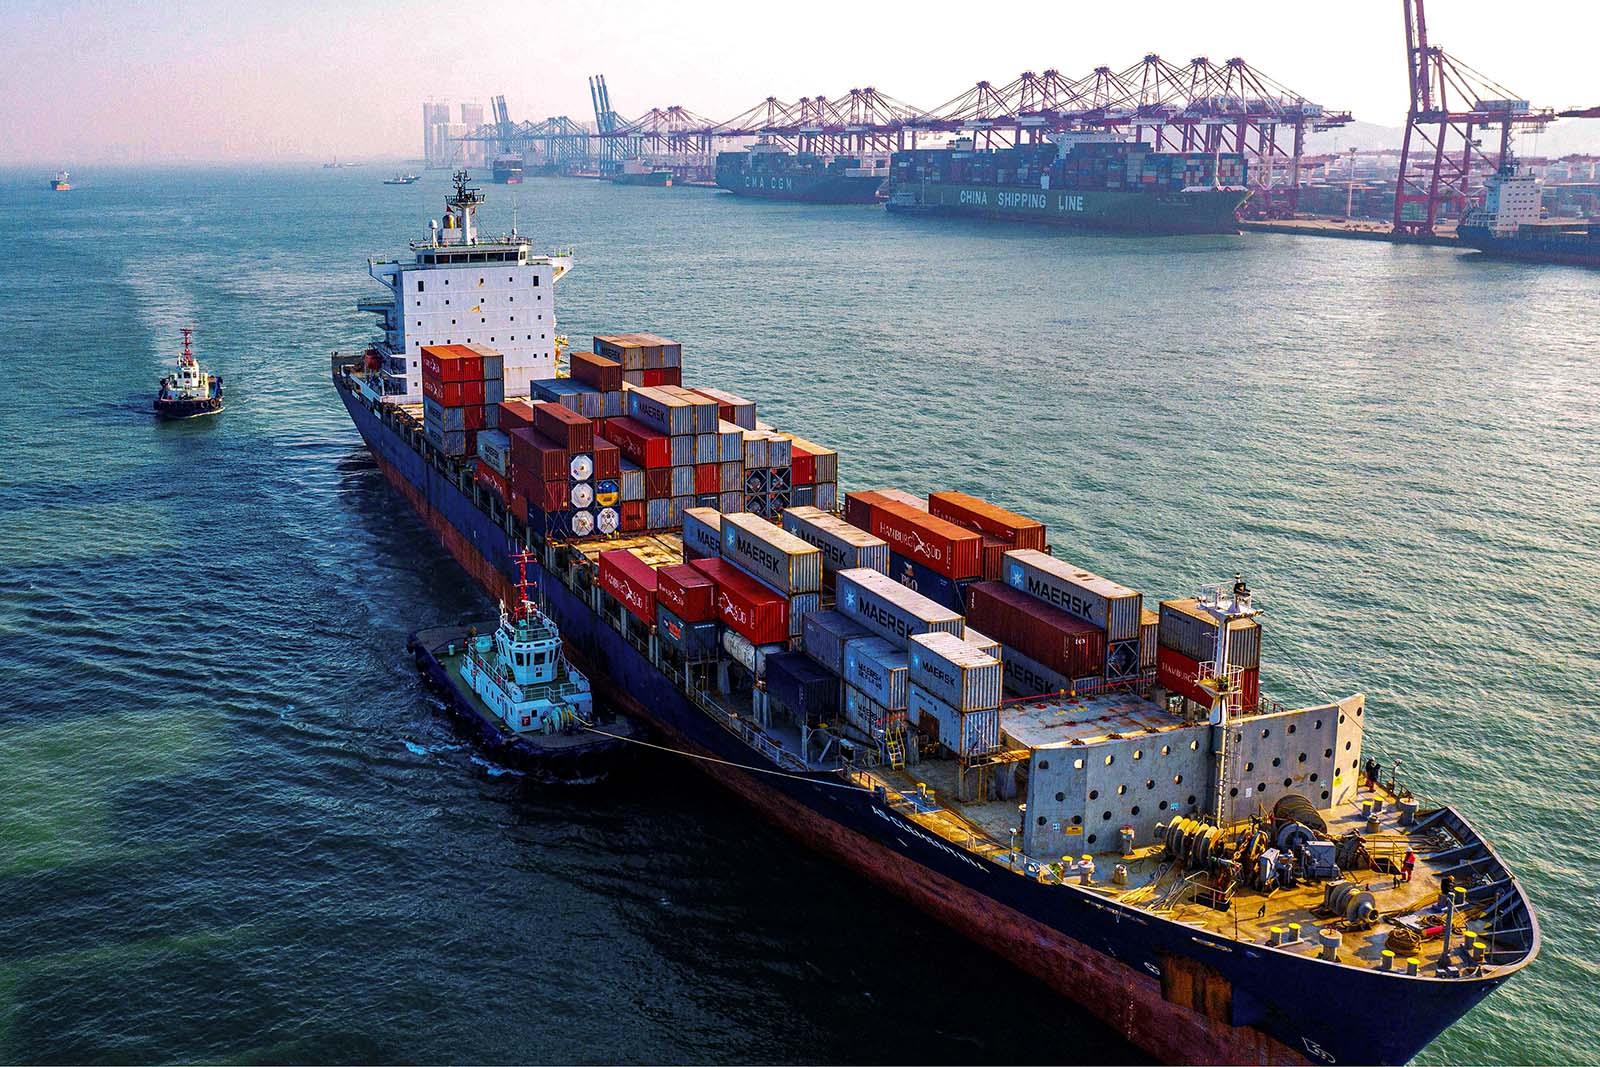 Un cargo à conteneurs dans le port de Qingdao, dans l'est de la Chine. (Source : Brink)